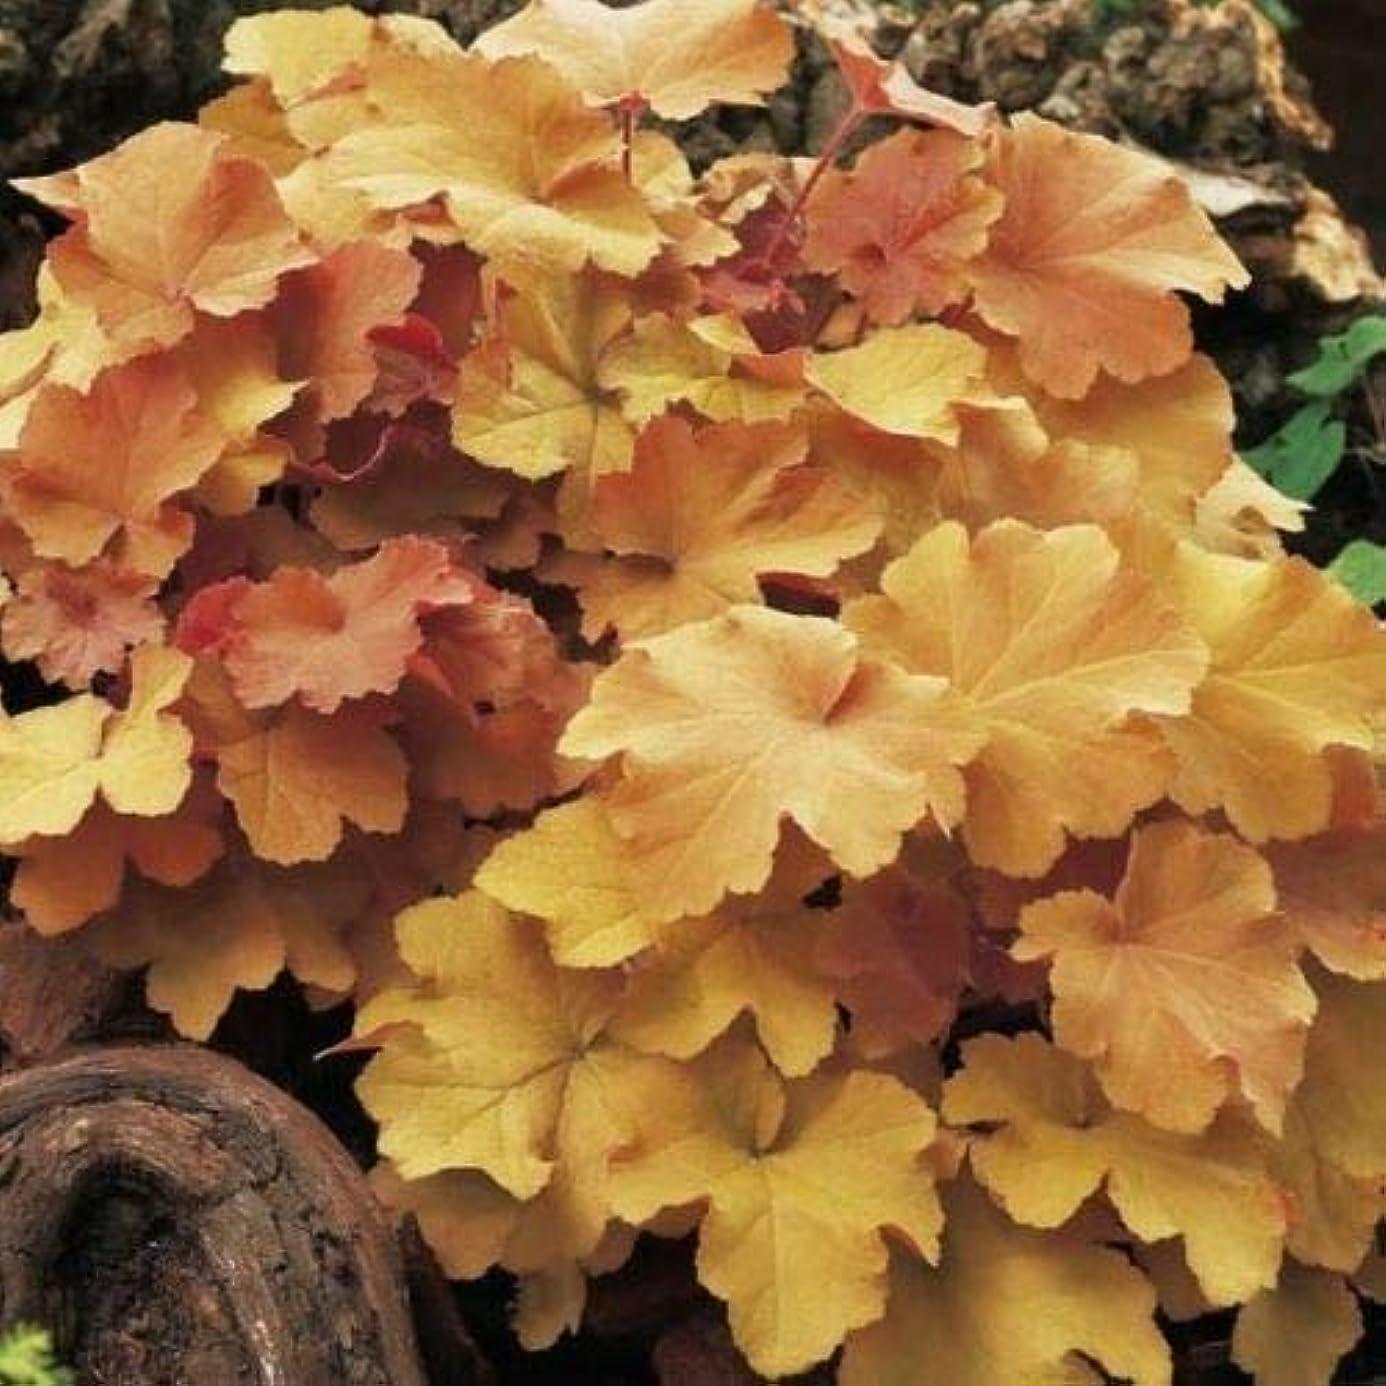 10 Heuchera ' Caramel ' - Coral Bells - Live Plant - Alumroot - Perennial Plants